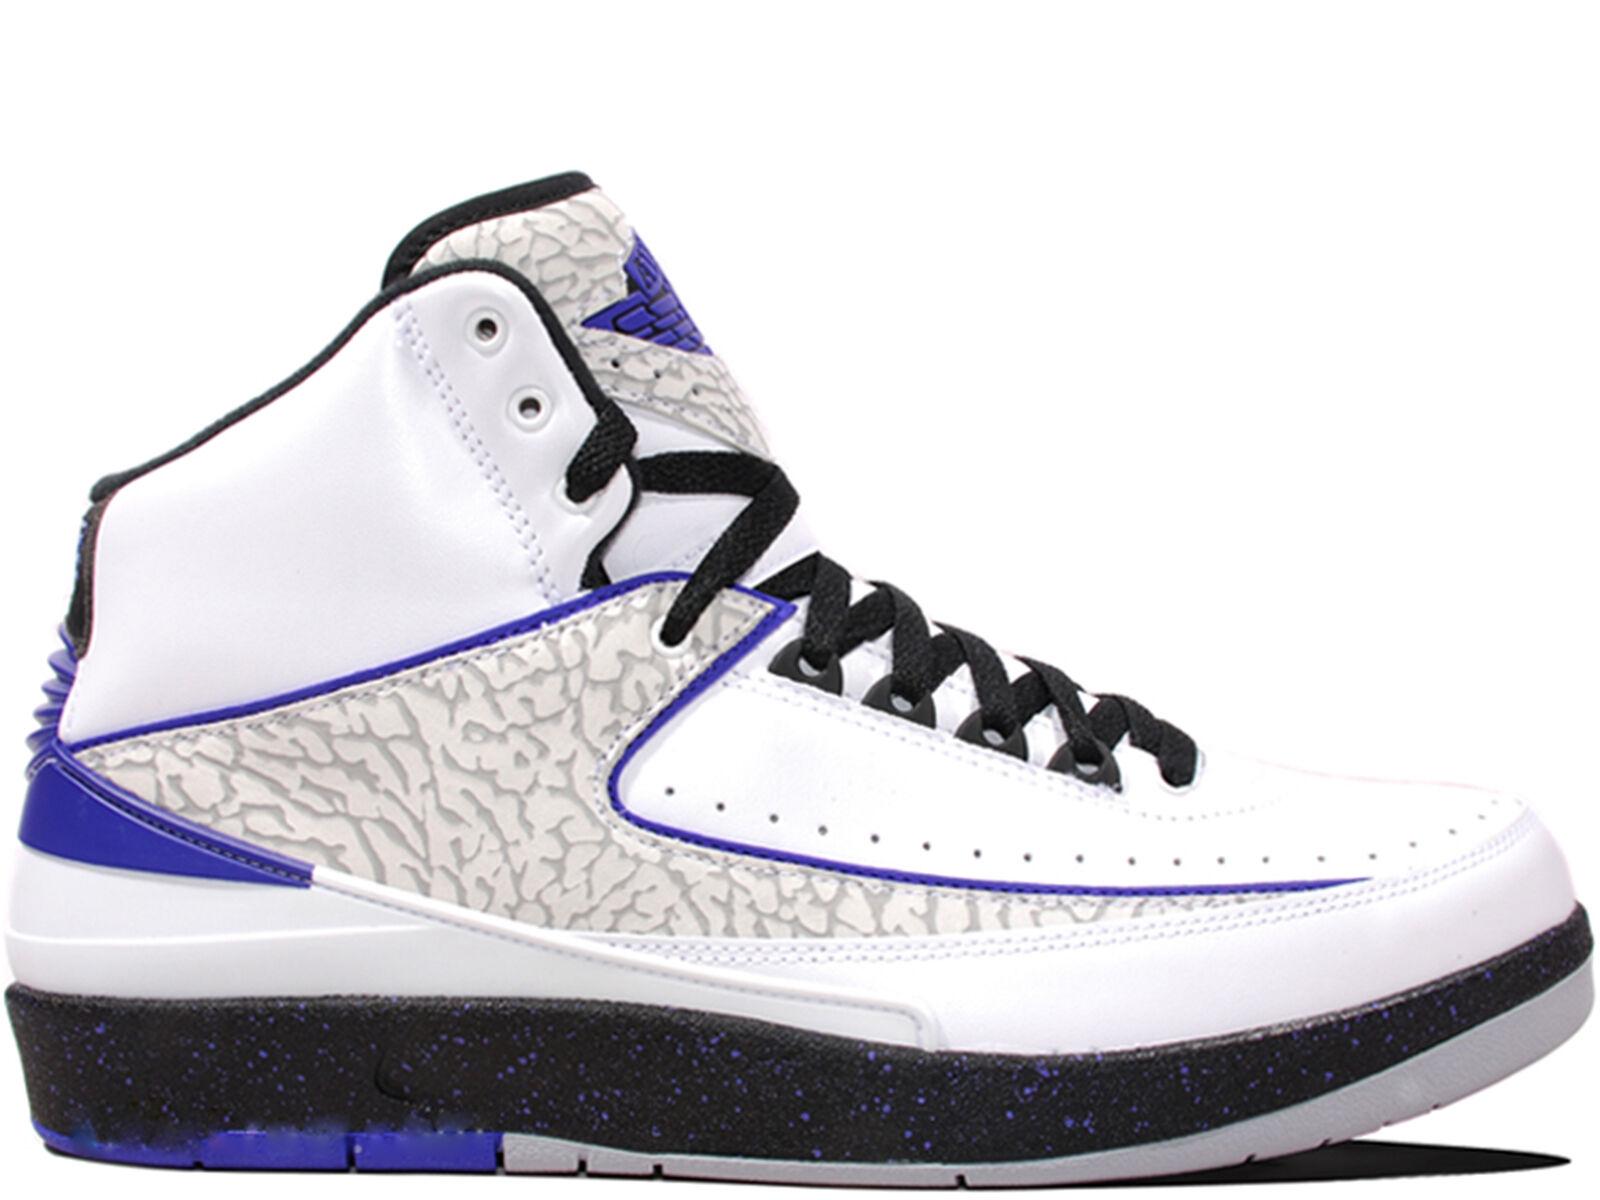 Men's Brand New Air Jordan 2 Retro  Concord  Athletic Sneakers